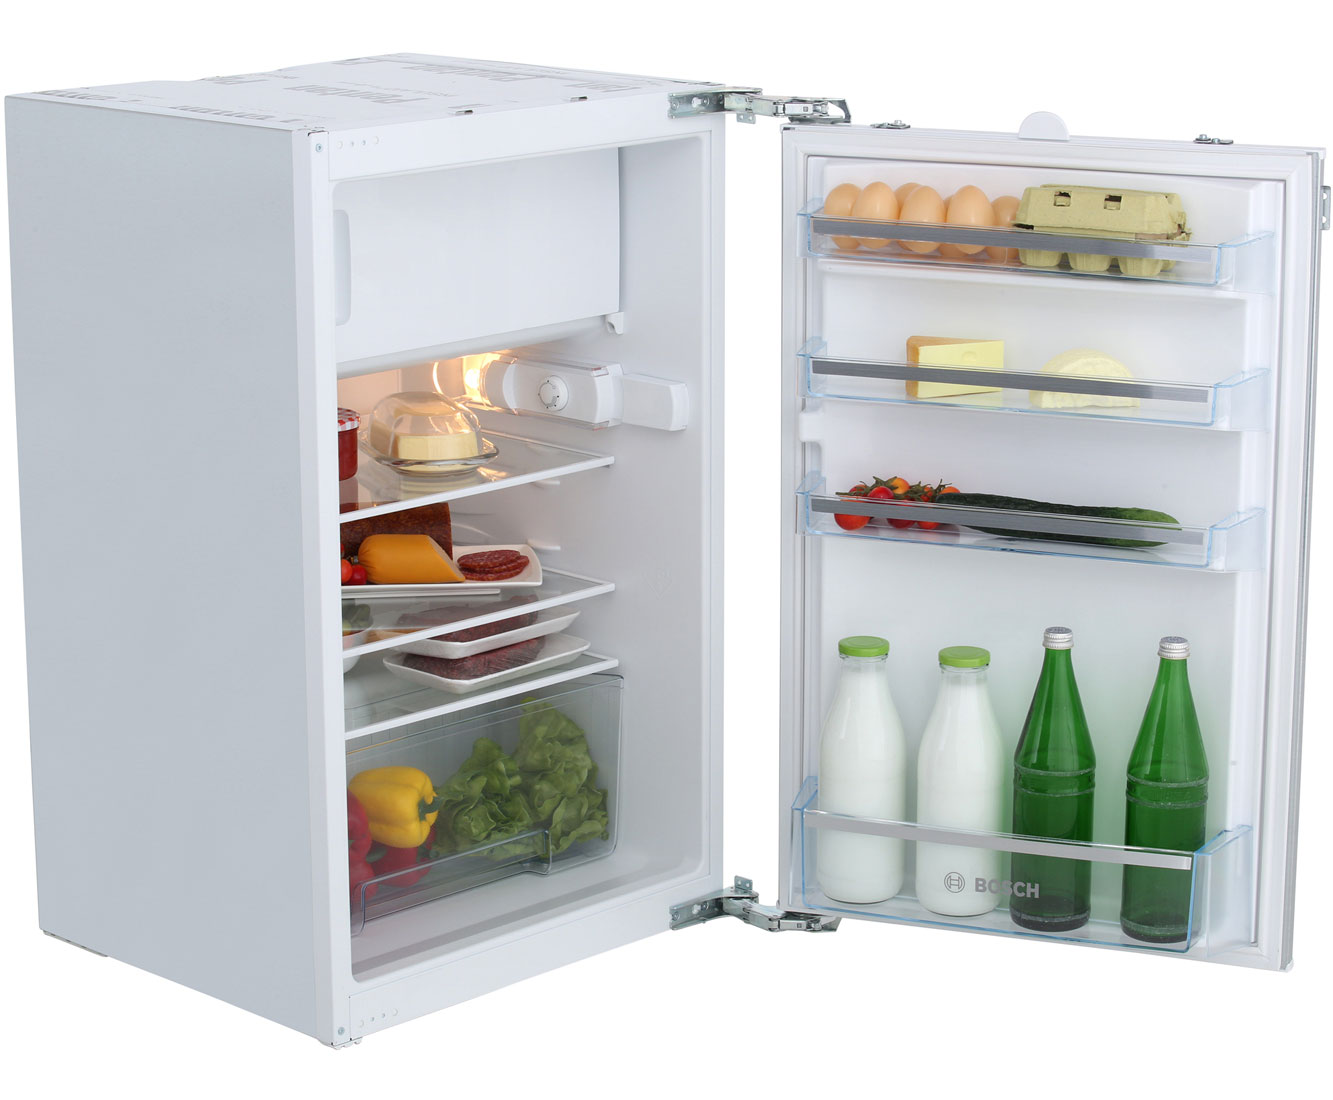 Bosch Kühlschrank Alarm : Bosch kühlschrank scharnier preisvergleich u die besten angebote